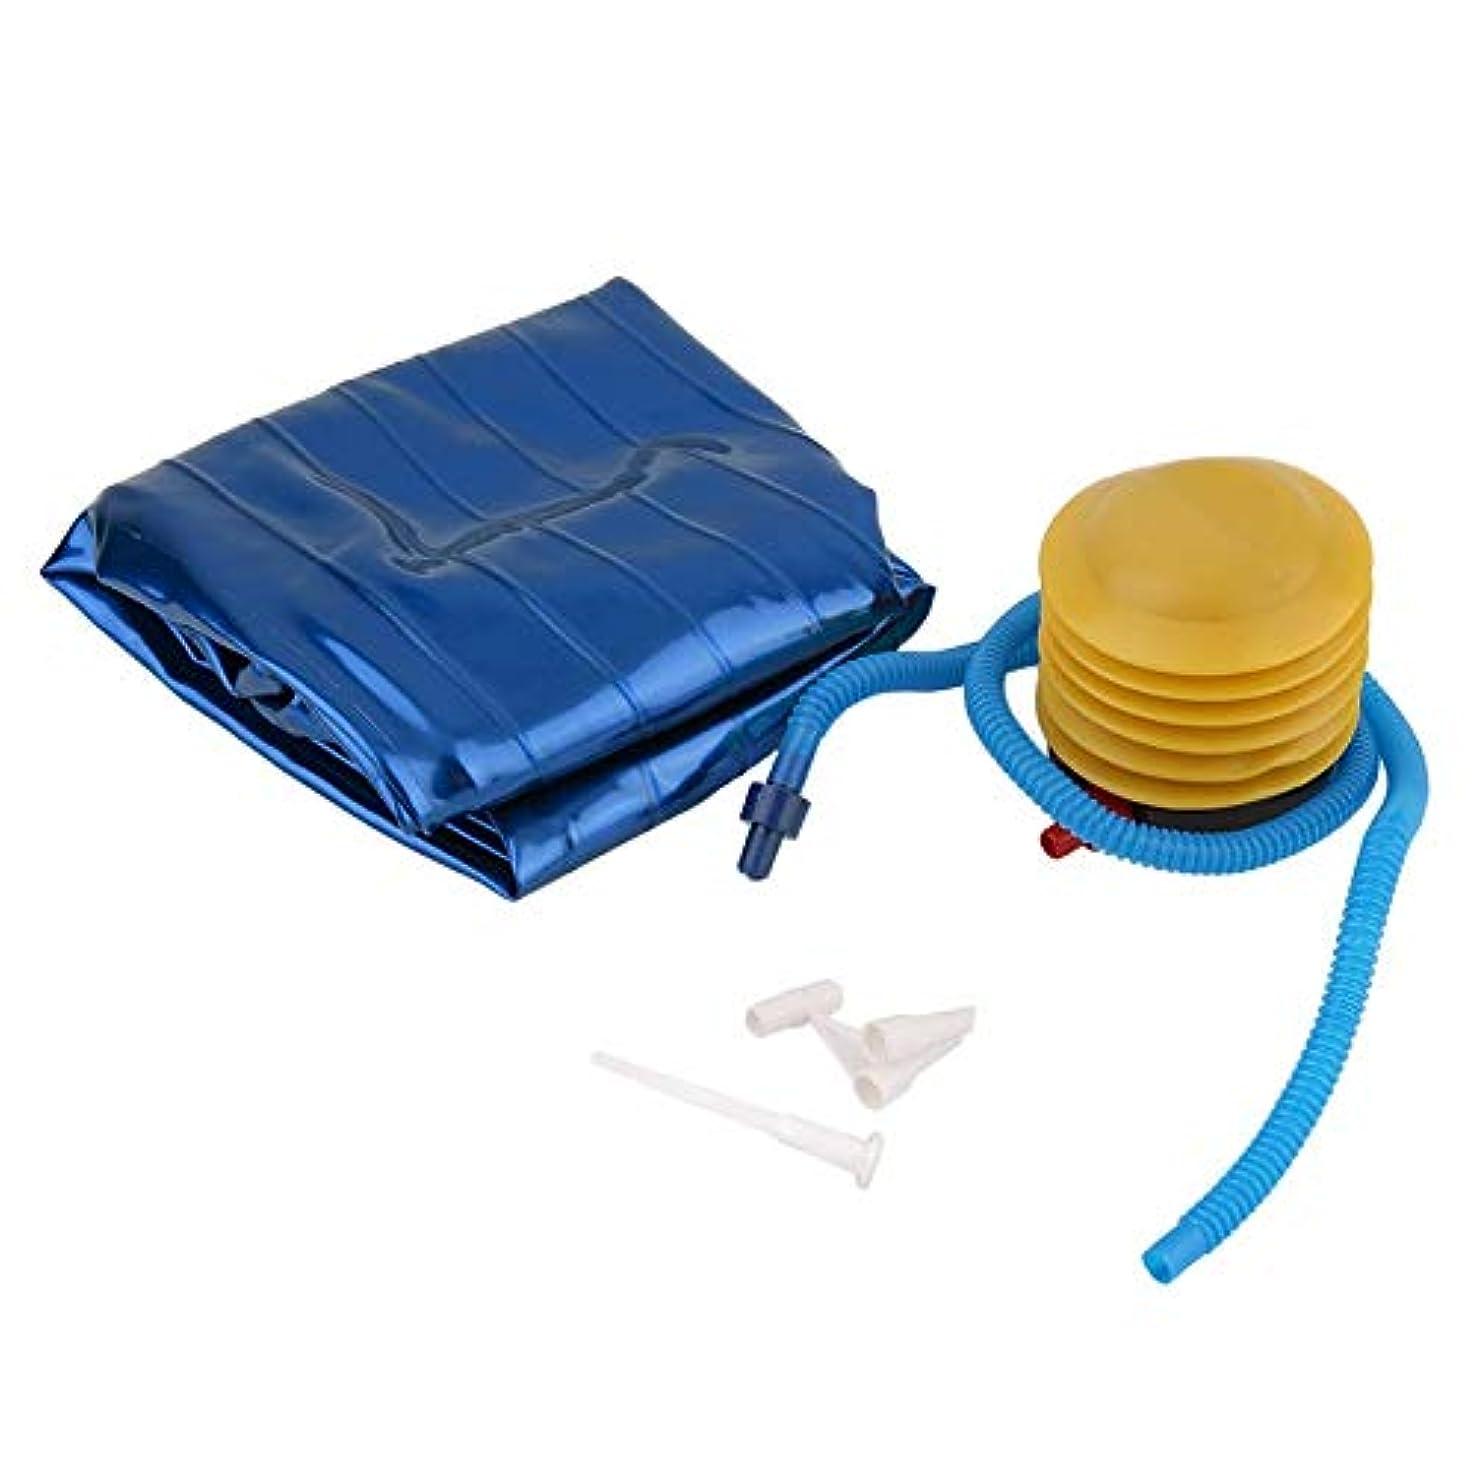 ベーカリーペインギリック桁フィットネスピラティスヨガボールユーティリティウェイトトレーニングの柔軟性バランススポーツ厚みのあるPVC滑り止めポンププラグ付きフィットネス用 - 青